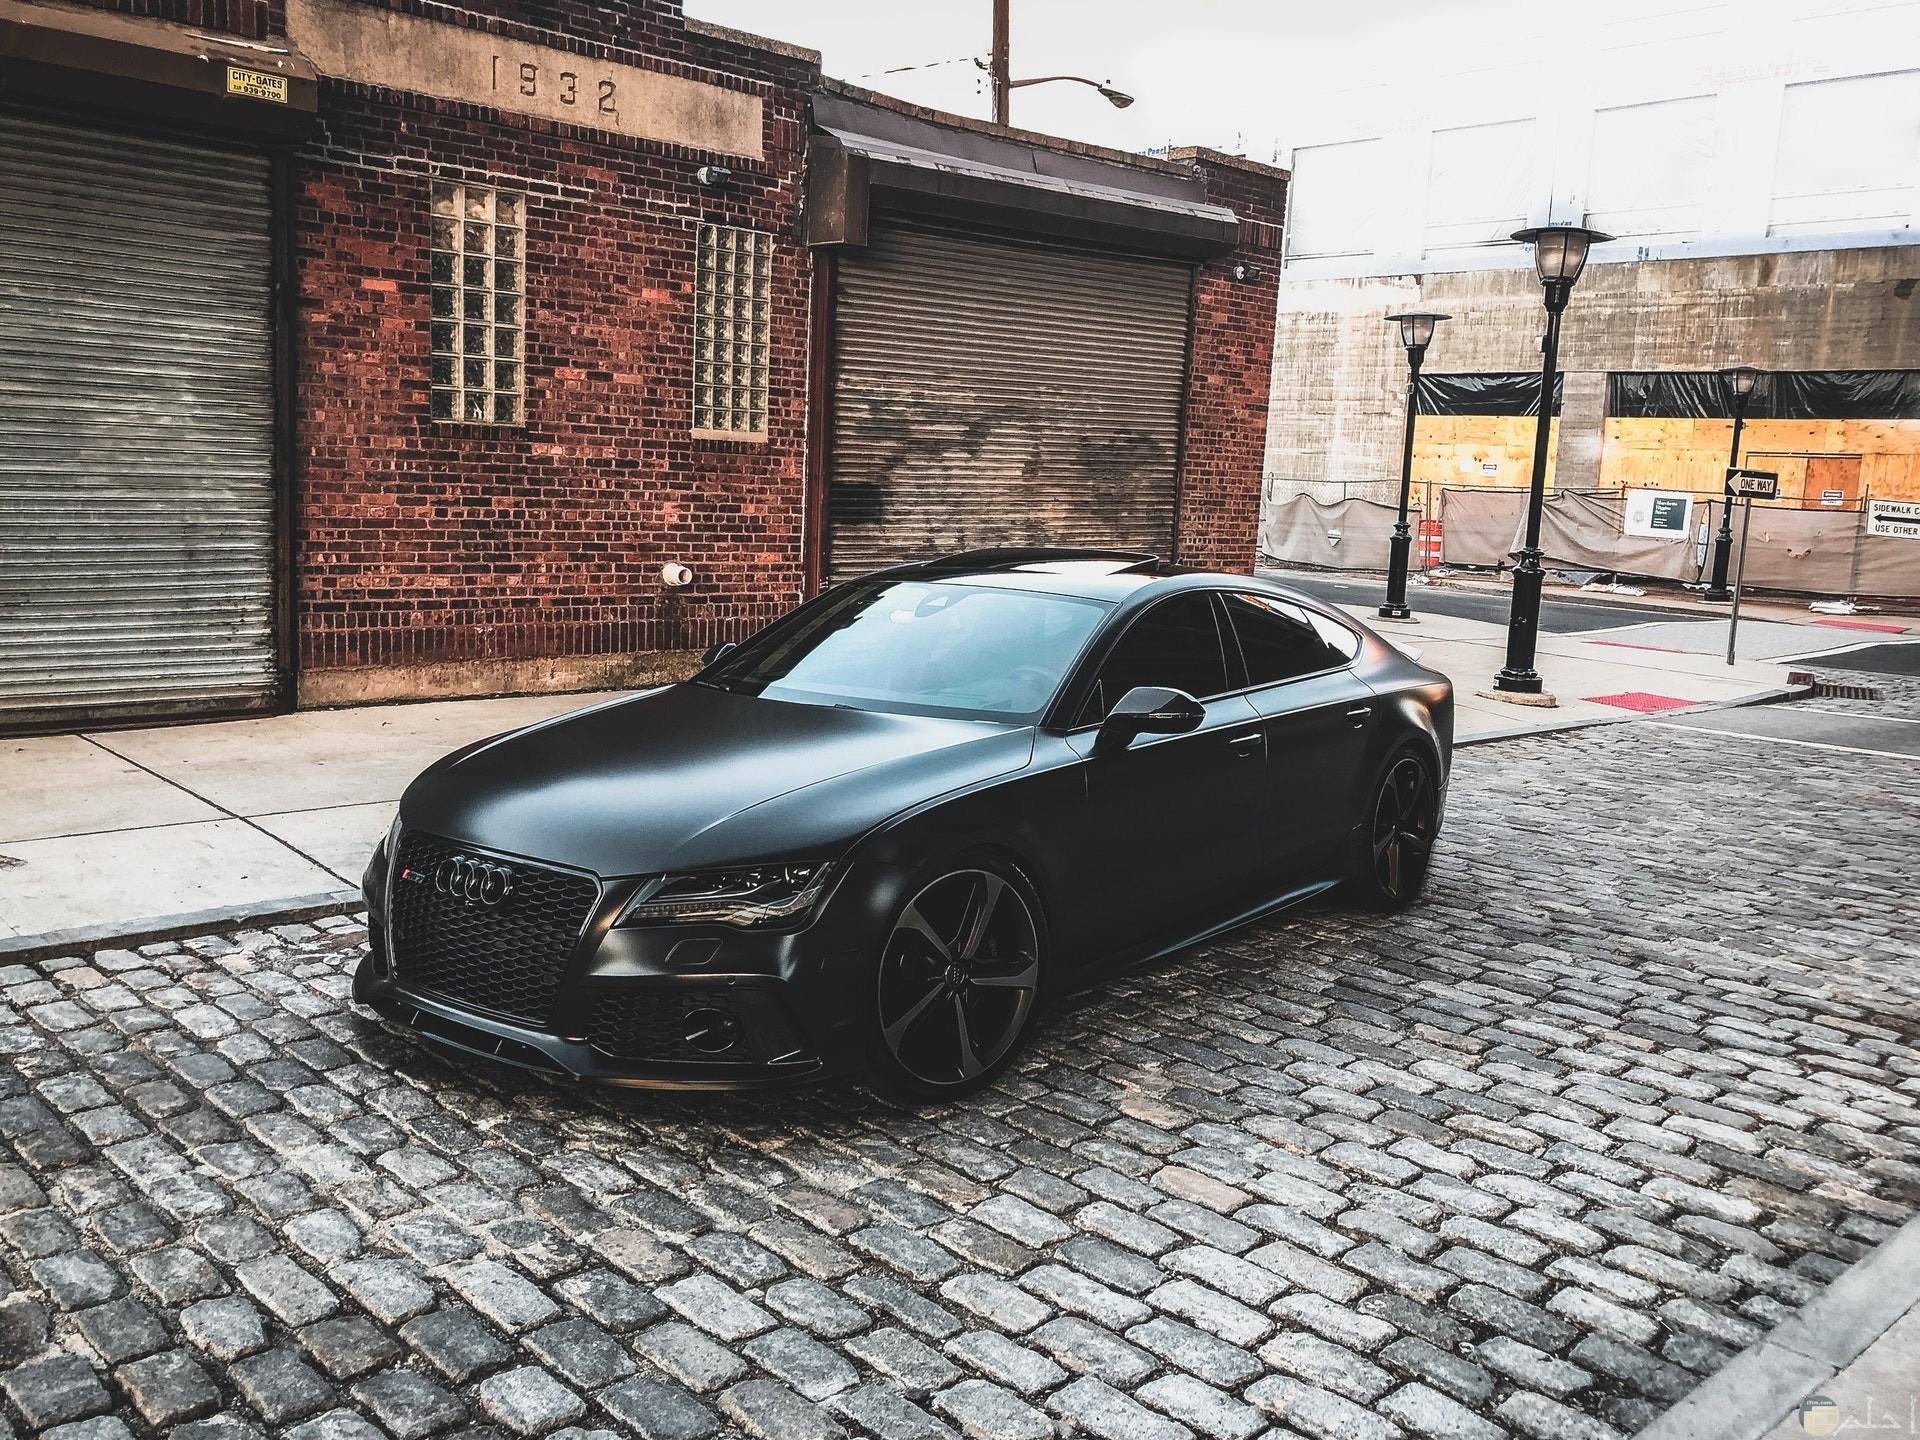 صورة مميزة لسيارة أودي فخمة باللون الأسود مركونة في الطريق